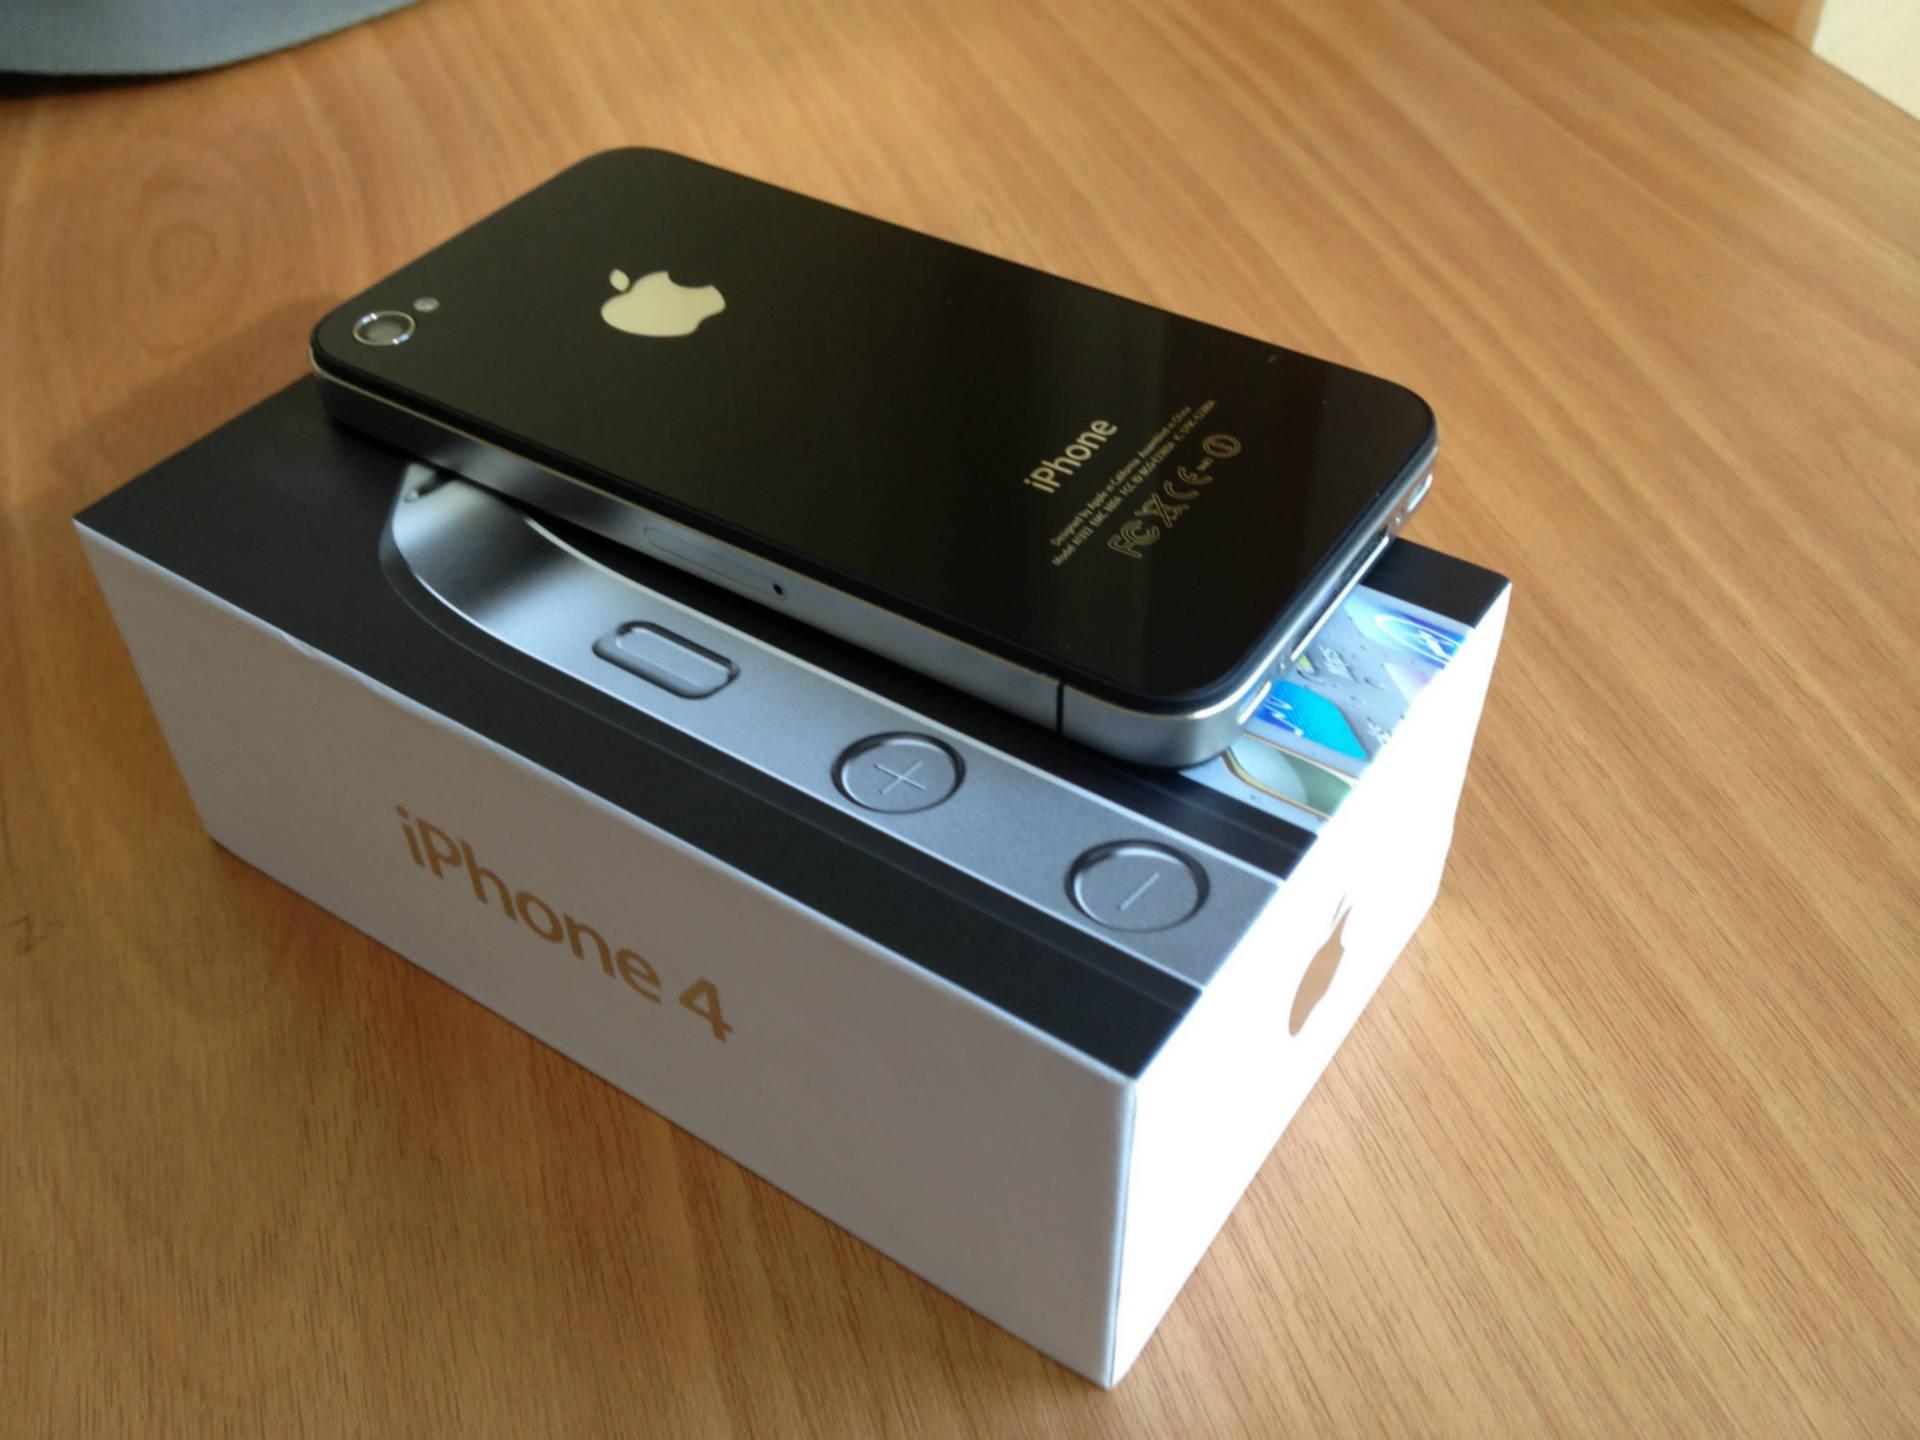 mua iphone 4 16gb black tặng người thân P178nt1gv4nhmh7v10it48atp91